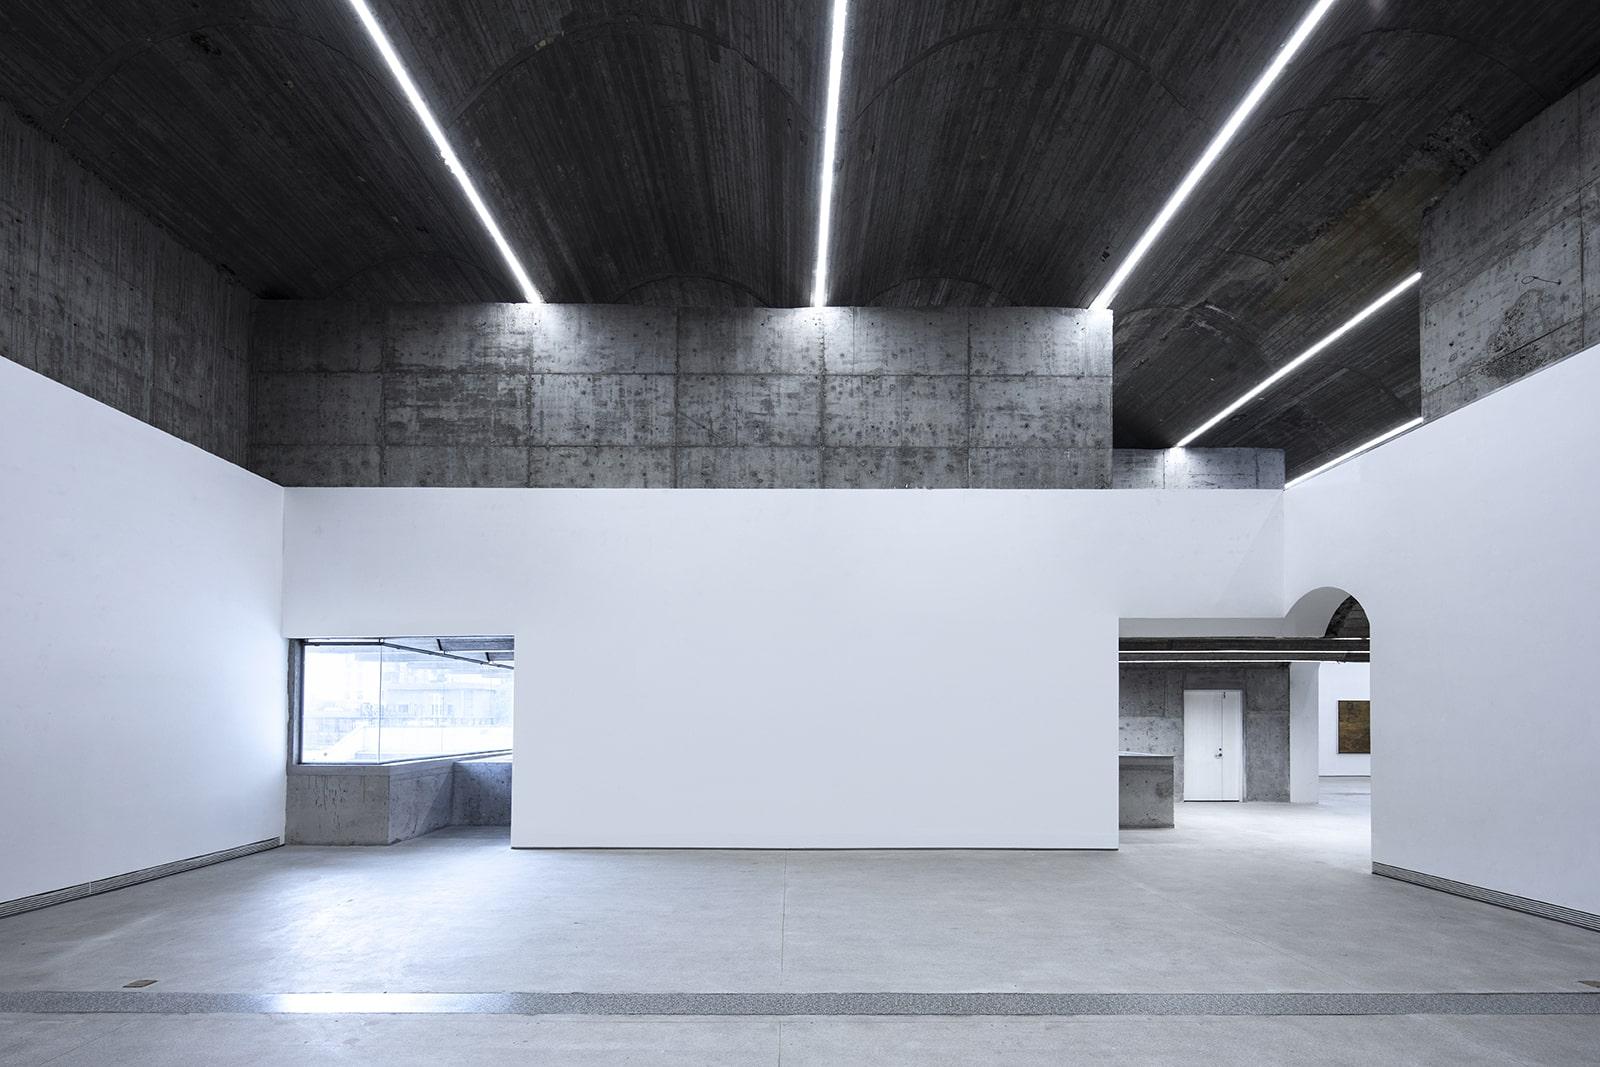 Taizhou Contemporary Art Museum  - 7.2 51